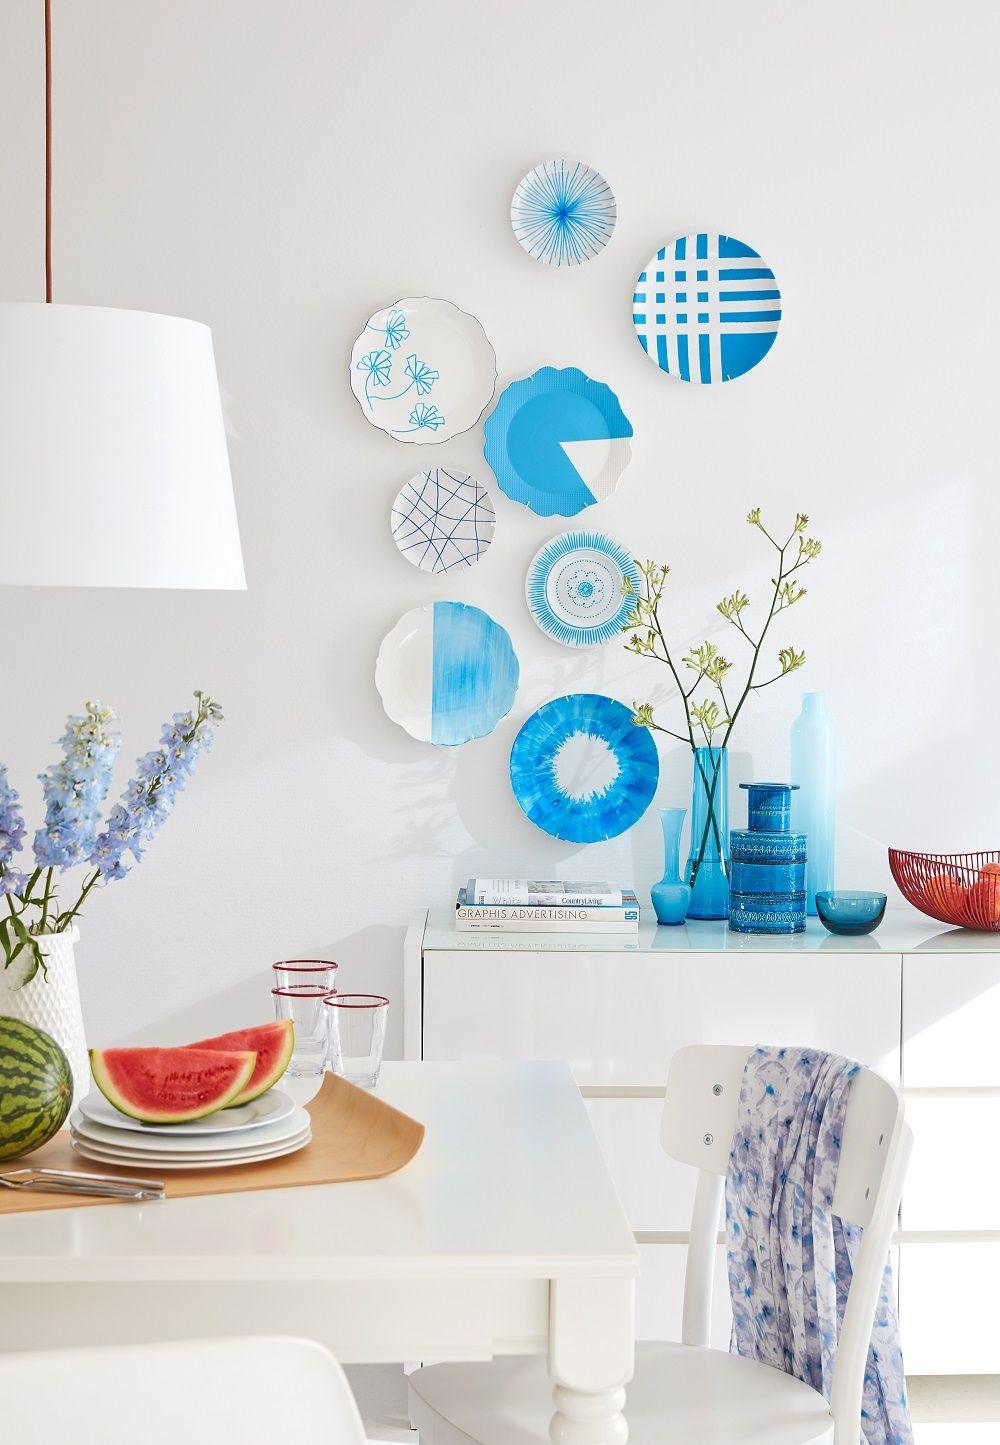 Vom tisch an die wand wandteller kennen wir noch von oma aber diese sehen ganz modern aus - Wandteller modern ...